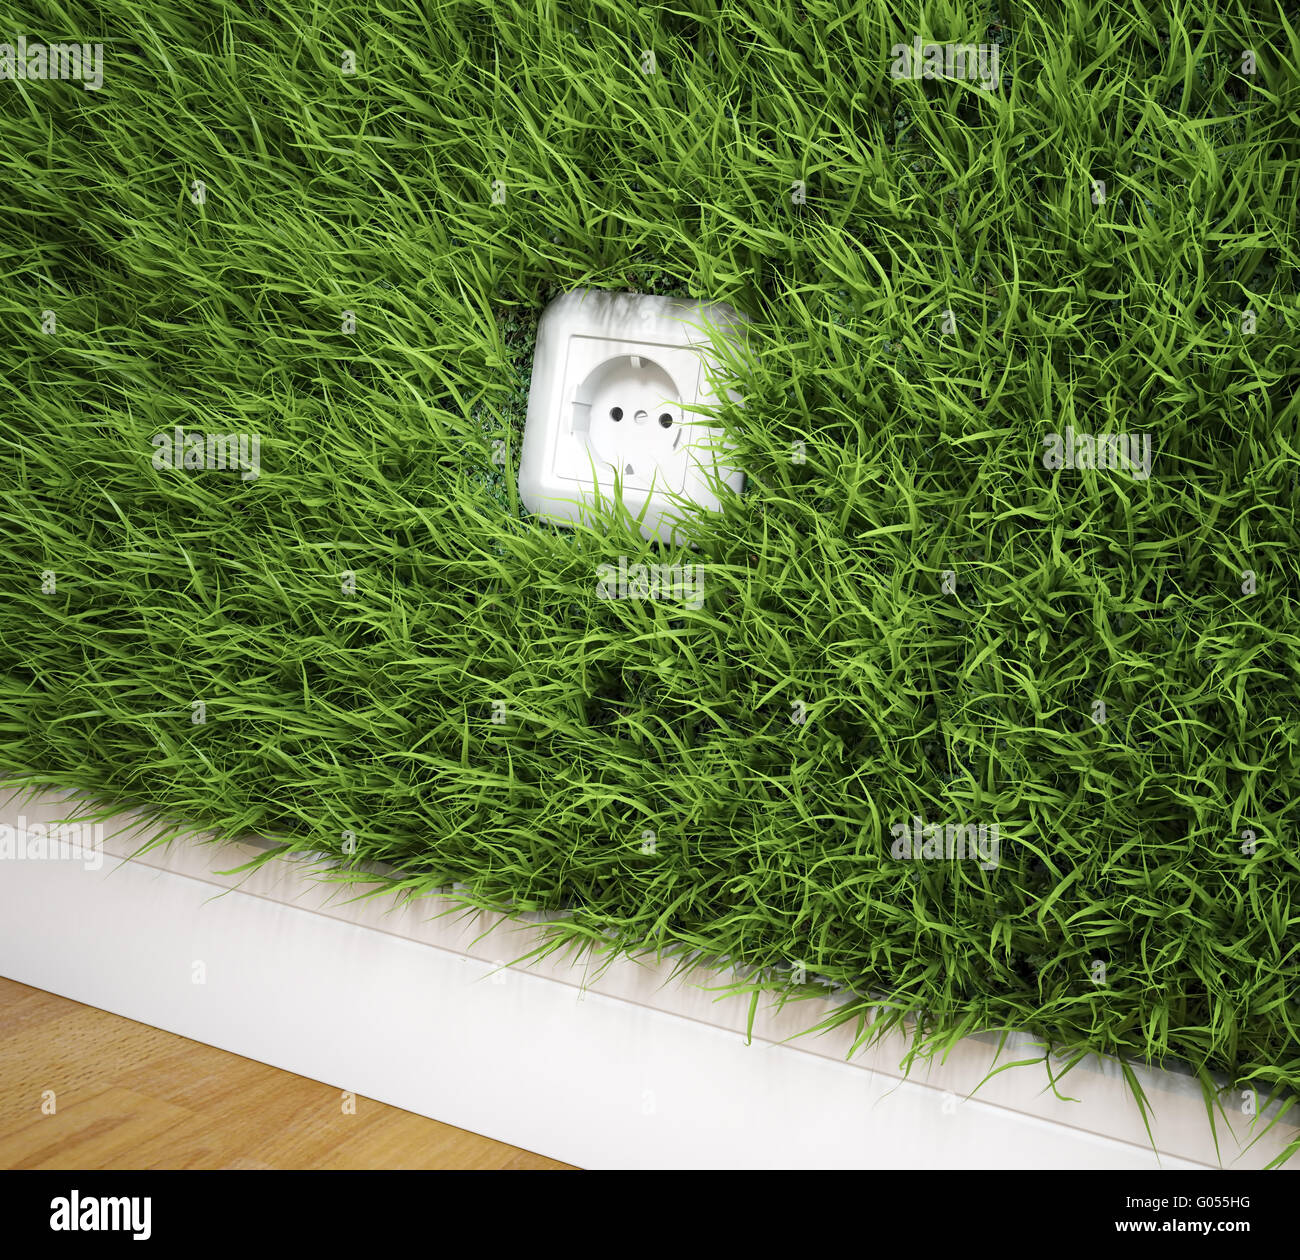 Une prise électrique sur un mur couvert d'herbe Photo Stock